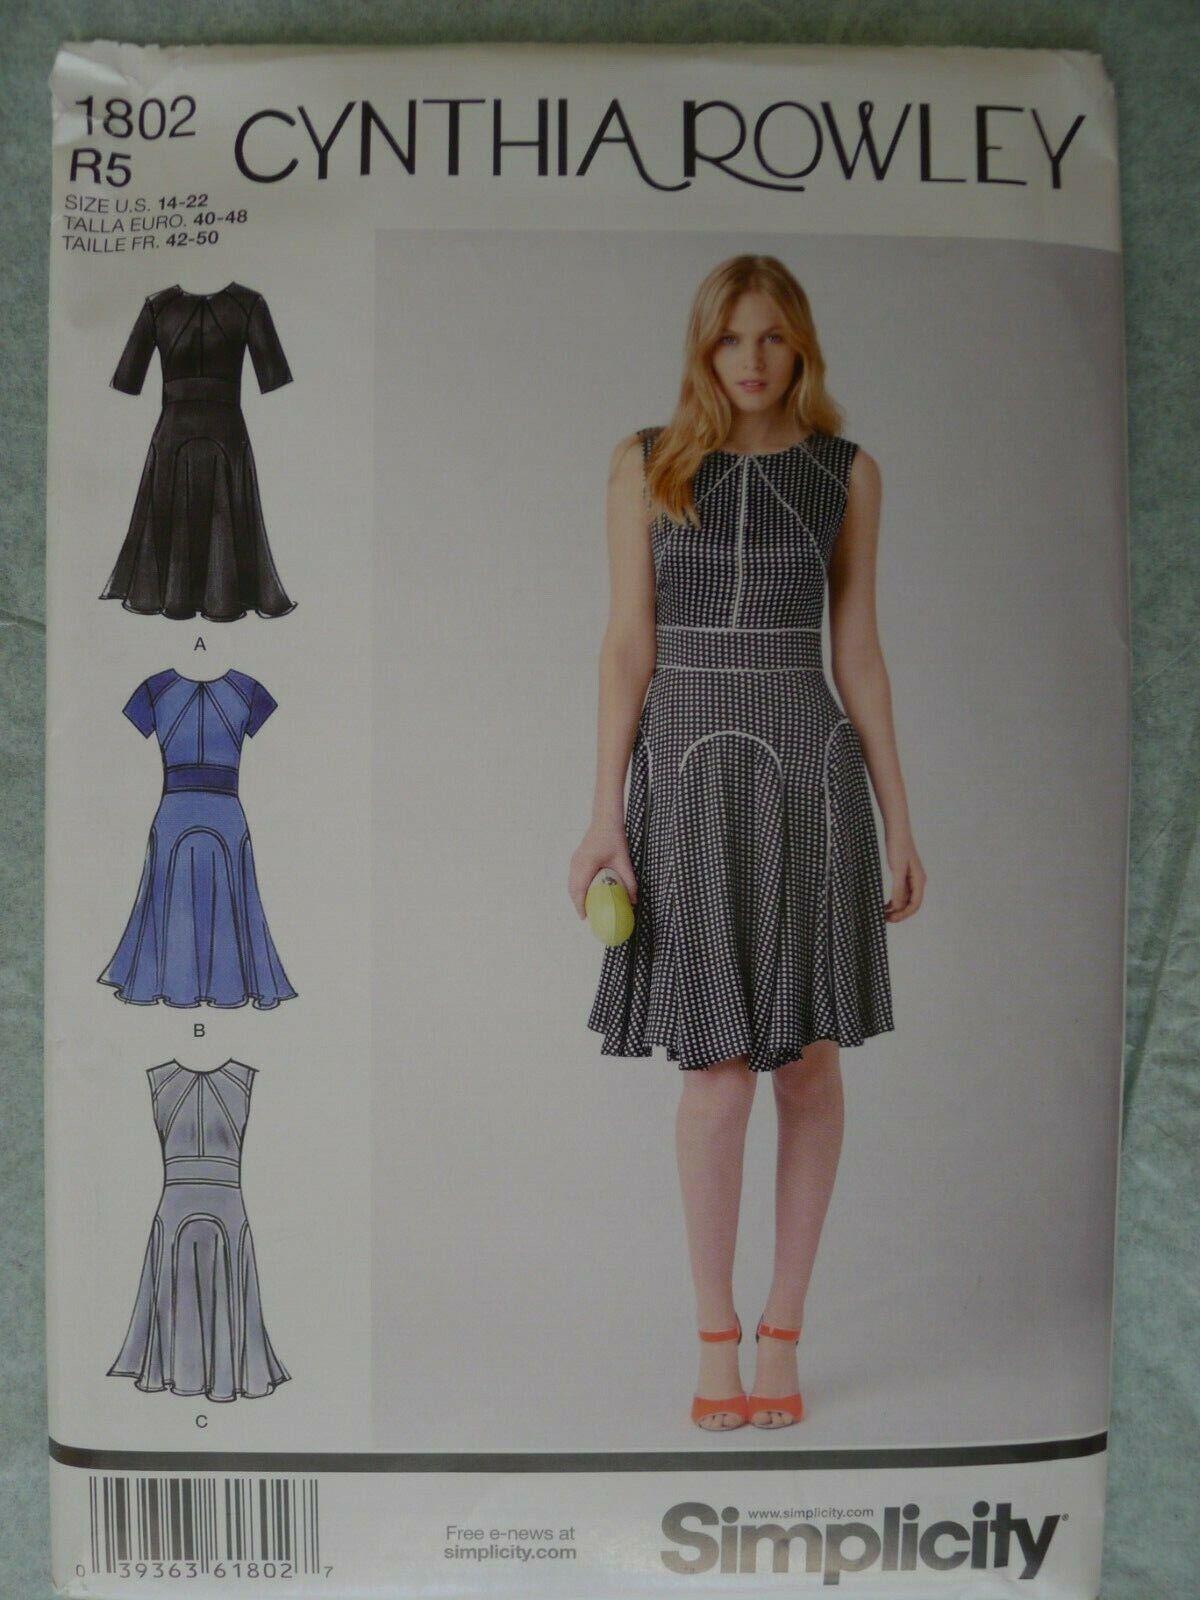 Simplicity Sewing Pattern 1802 Ladies Misses Dress Size 6-14 Uncut